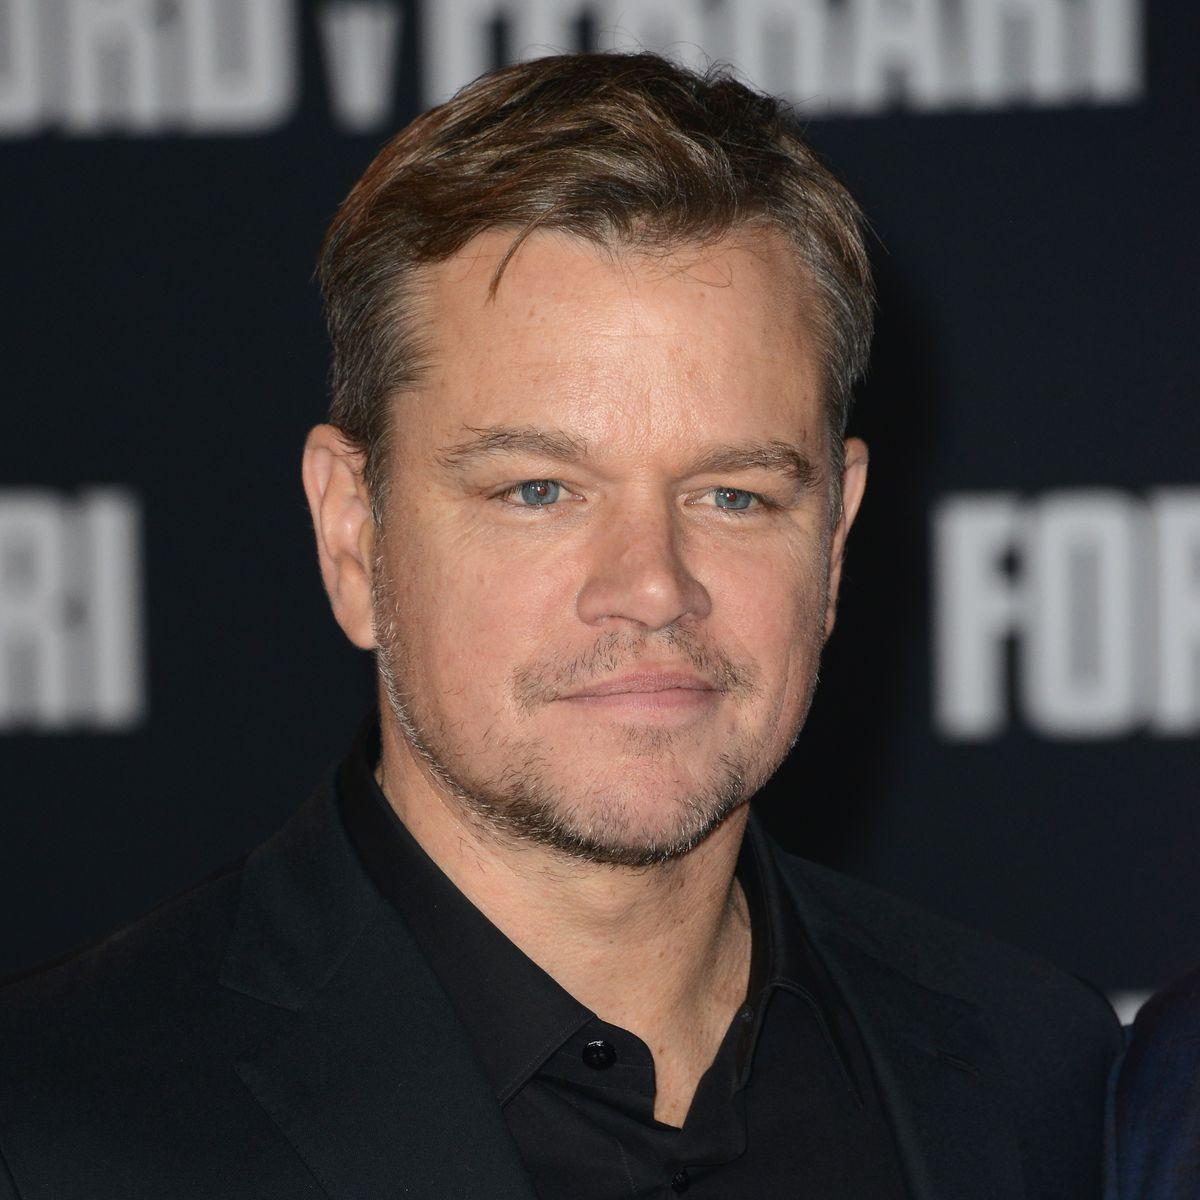 Matt Damon Stranded In Ireland During Coronavirus Pandemic